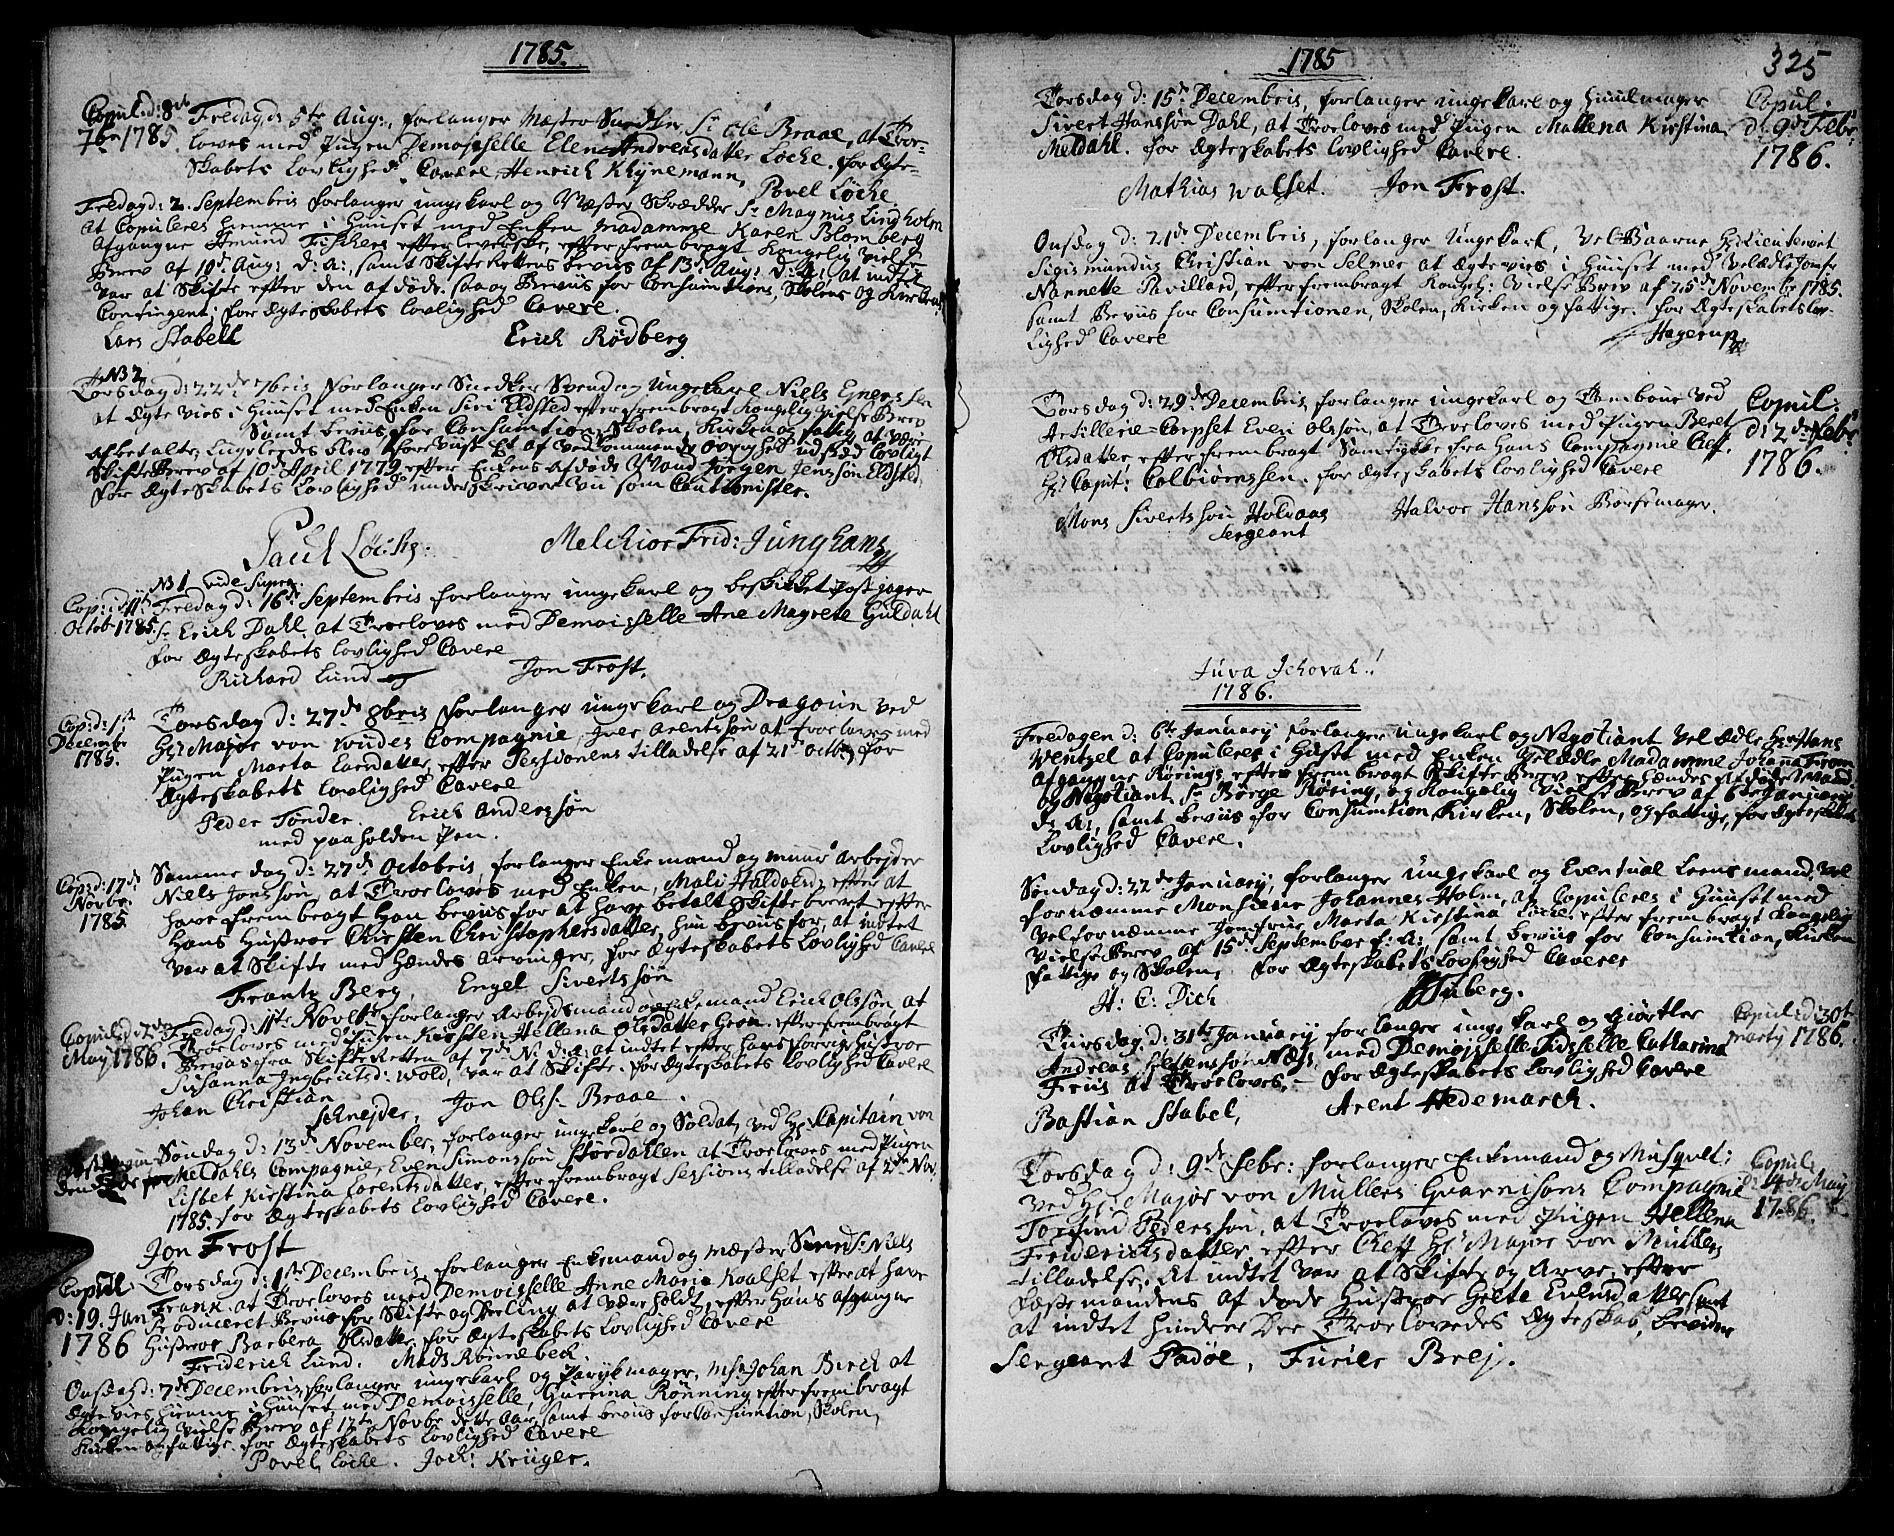 SAT, Ministerialprotokoller, klokkerbøker og fødselsregistre - Sør-Trøndelag, 601/L0038: Ministerialbok nr. 601A06, 1766-1877, s. 325